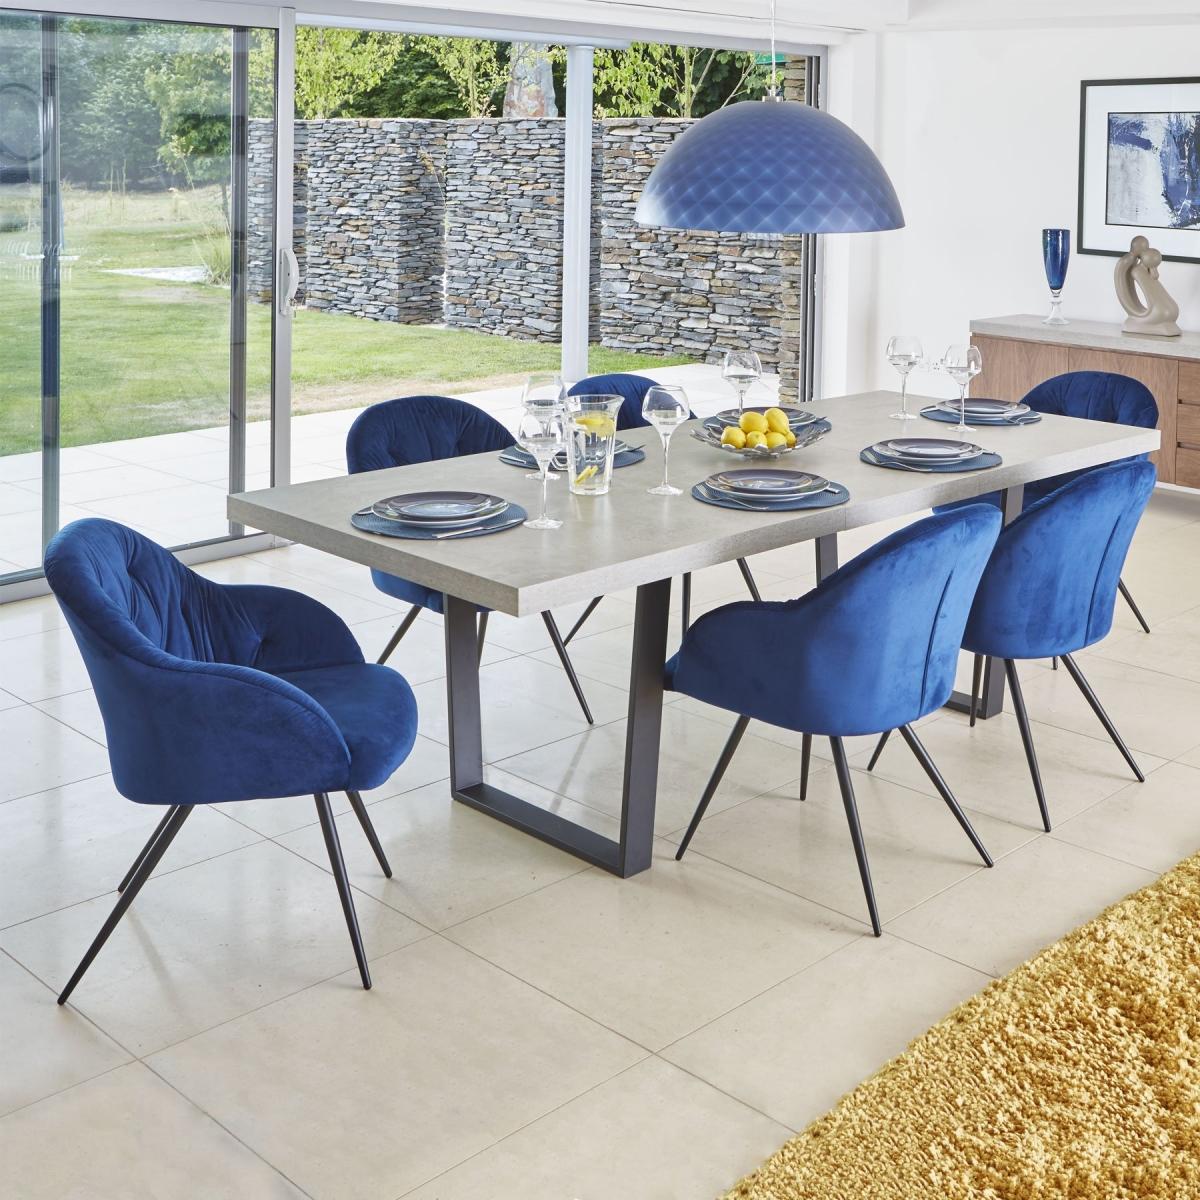 Cách chọn bộ bàn ăn phù hợp với không gian nhà bếp